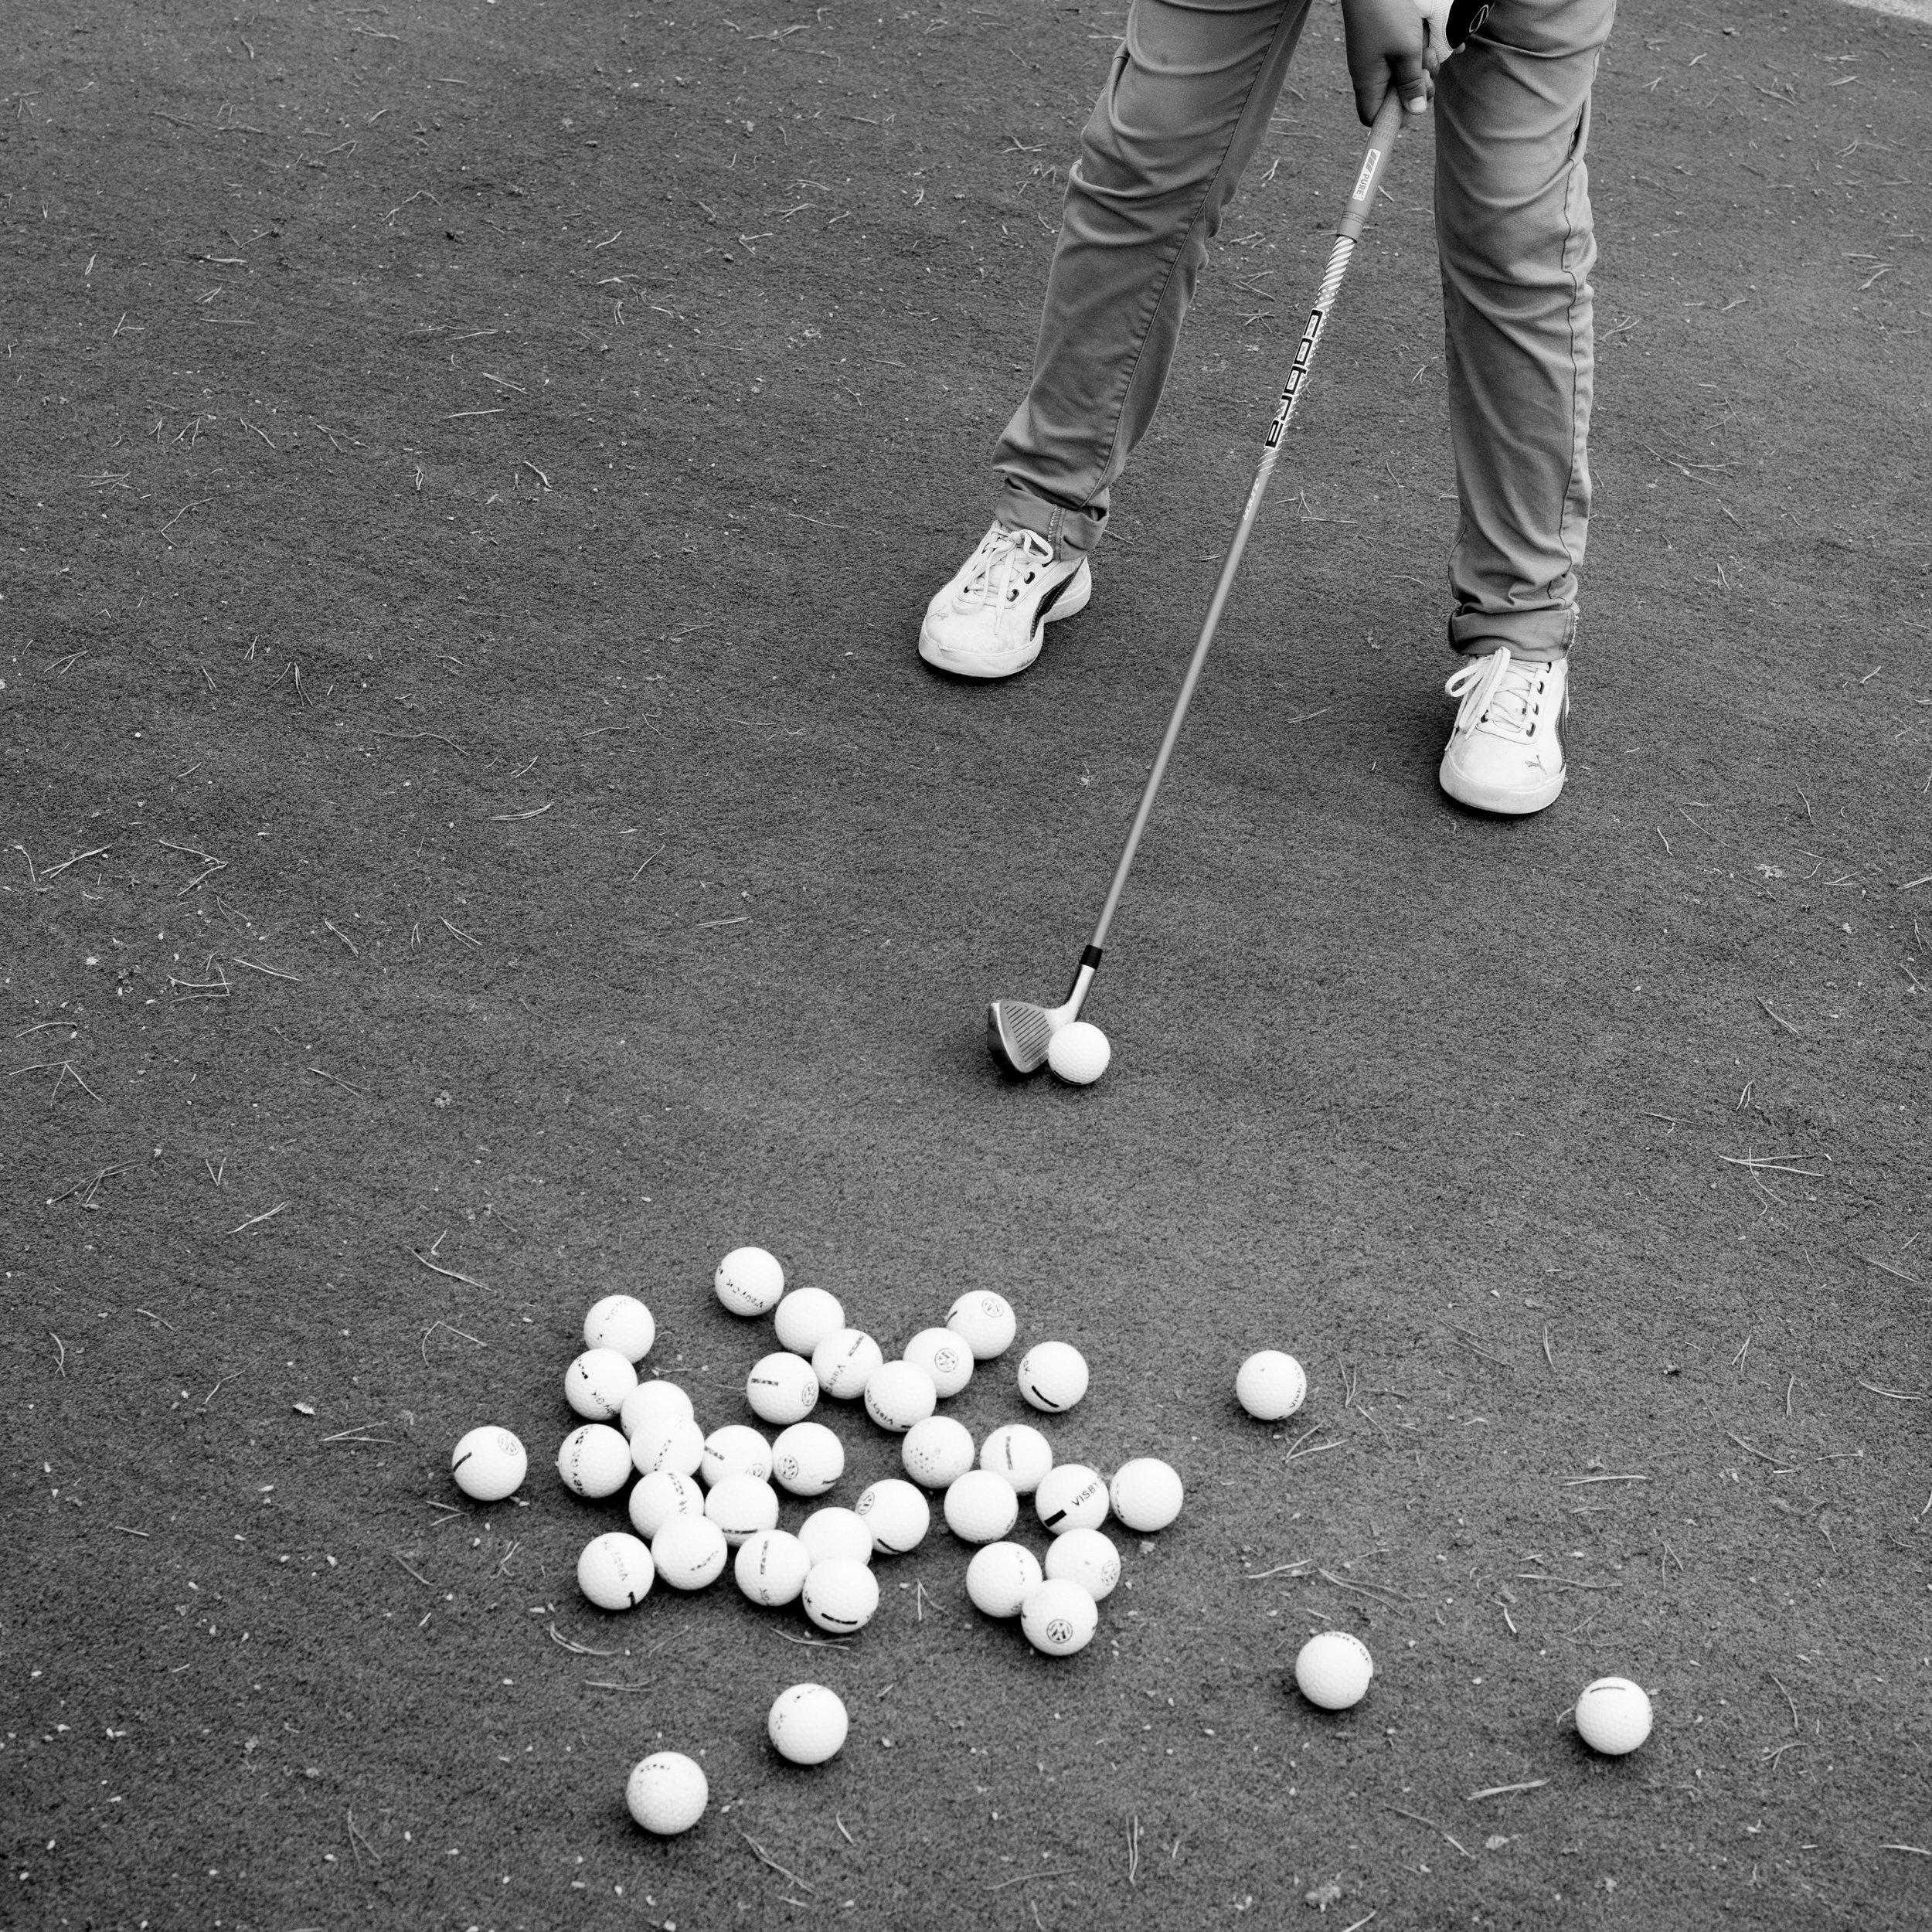 Nybörjarkurser - Golf är en fantastisk sport på alla plan. En sport där allt är upp till dig, tränar du bra så kommer det att ge resultat. Några av golfens många fördelar:Bra motion - du går ca 1 mil/18hål.Roligt och socialt, hela familjen kan spela.Bra träning, förlänger livet.Avkoppling i fantastisk miljö.Numera också godkänt som friskvård!KursfaktaSyftet med nybörjarkursen är du ska få en så bra start på din golfkarriär som möjligt. Vi går igenom hur golf spelas (regler och golfvett). Du får lära dig grunderna i själva spelet (grepp, sving, långa slag, korta slag, puttning m.m.). Och du får tips och råd kring hur du ska träna vidare för att utveckla ditt golfspel.Kursavgift: 2195 kr (Junior1695 kr). Lån av klubbor och kursmaterial ingårKurstillfällen 2019:3-5 maj Fre 16:00-20:00, Lör-sön 09:00-13:0031 maj-2 juni Fre-sön 09:00-13:0028-30 juni Fre 16:00-20:00, Lör-sön 09:00-13:0012-14 juli Fre-sön 09:00-13:002-4 aug Fre-sön 09:00-13:0031aug-1sept + 7-8 sept Lör-sön 09:00-12:00För anmälan eller frågor vänligen kontakta:Martin Bendelin Munkhammarmartin@visbygk.com0498-200939